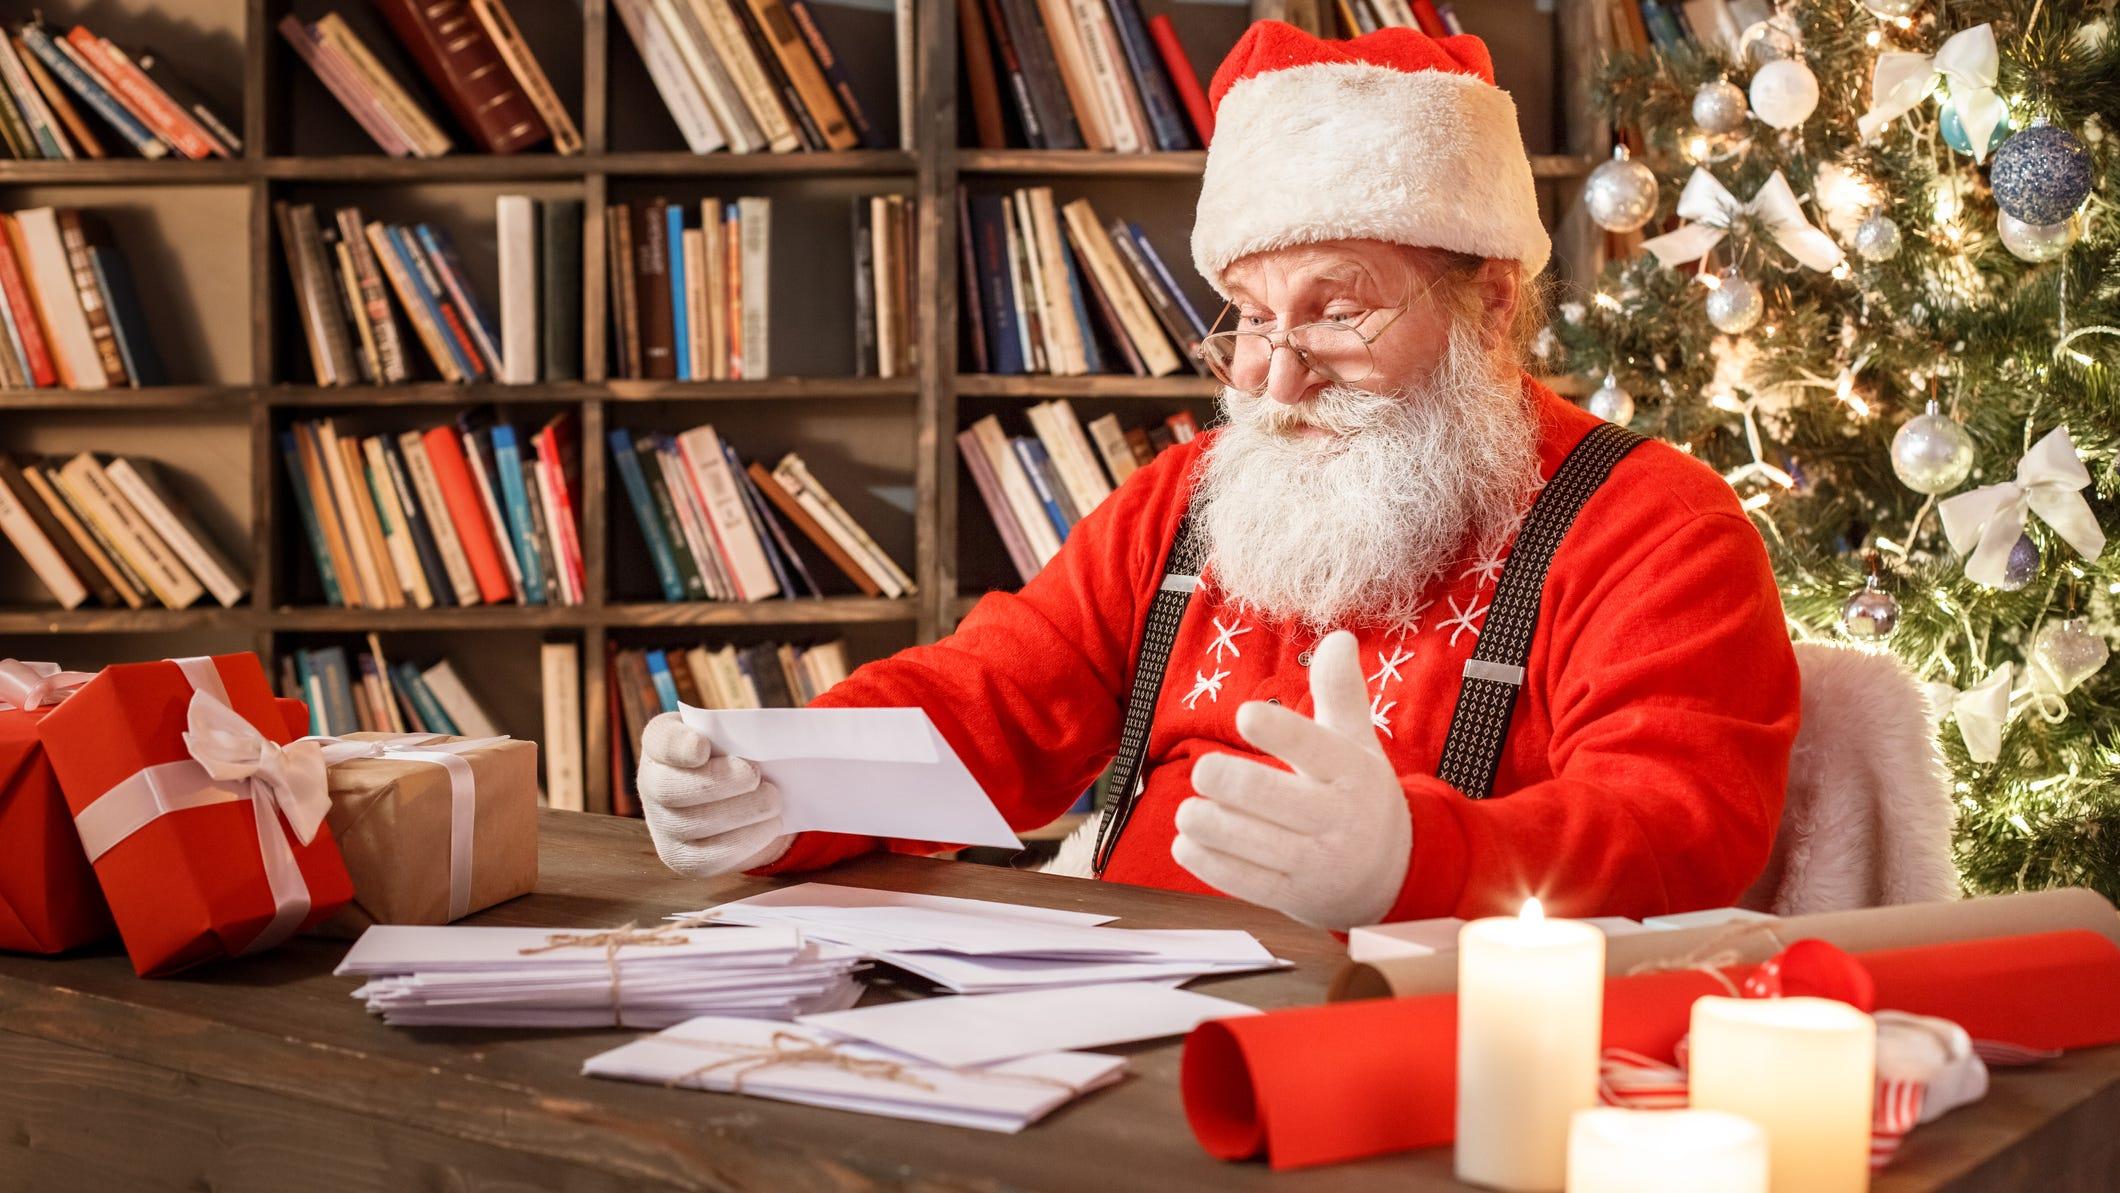 Babbo Natale, icona per i più piccini: dal rosso dell'abito alle curiosità che molti non sanno